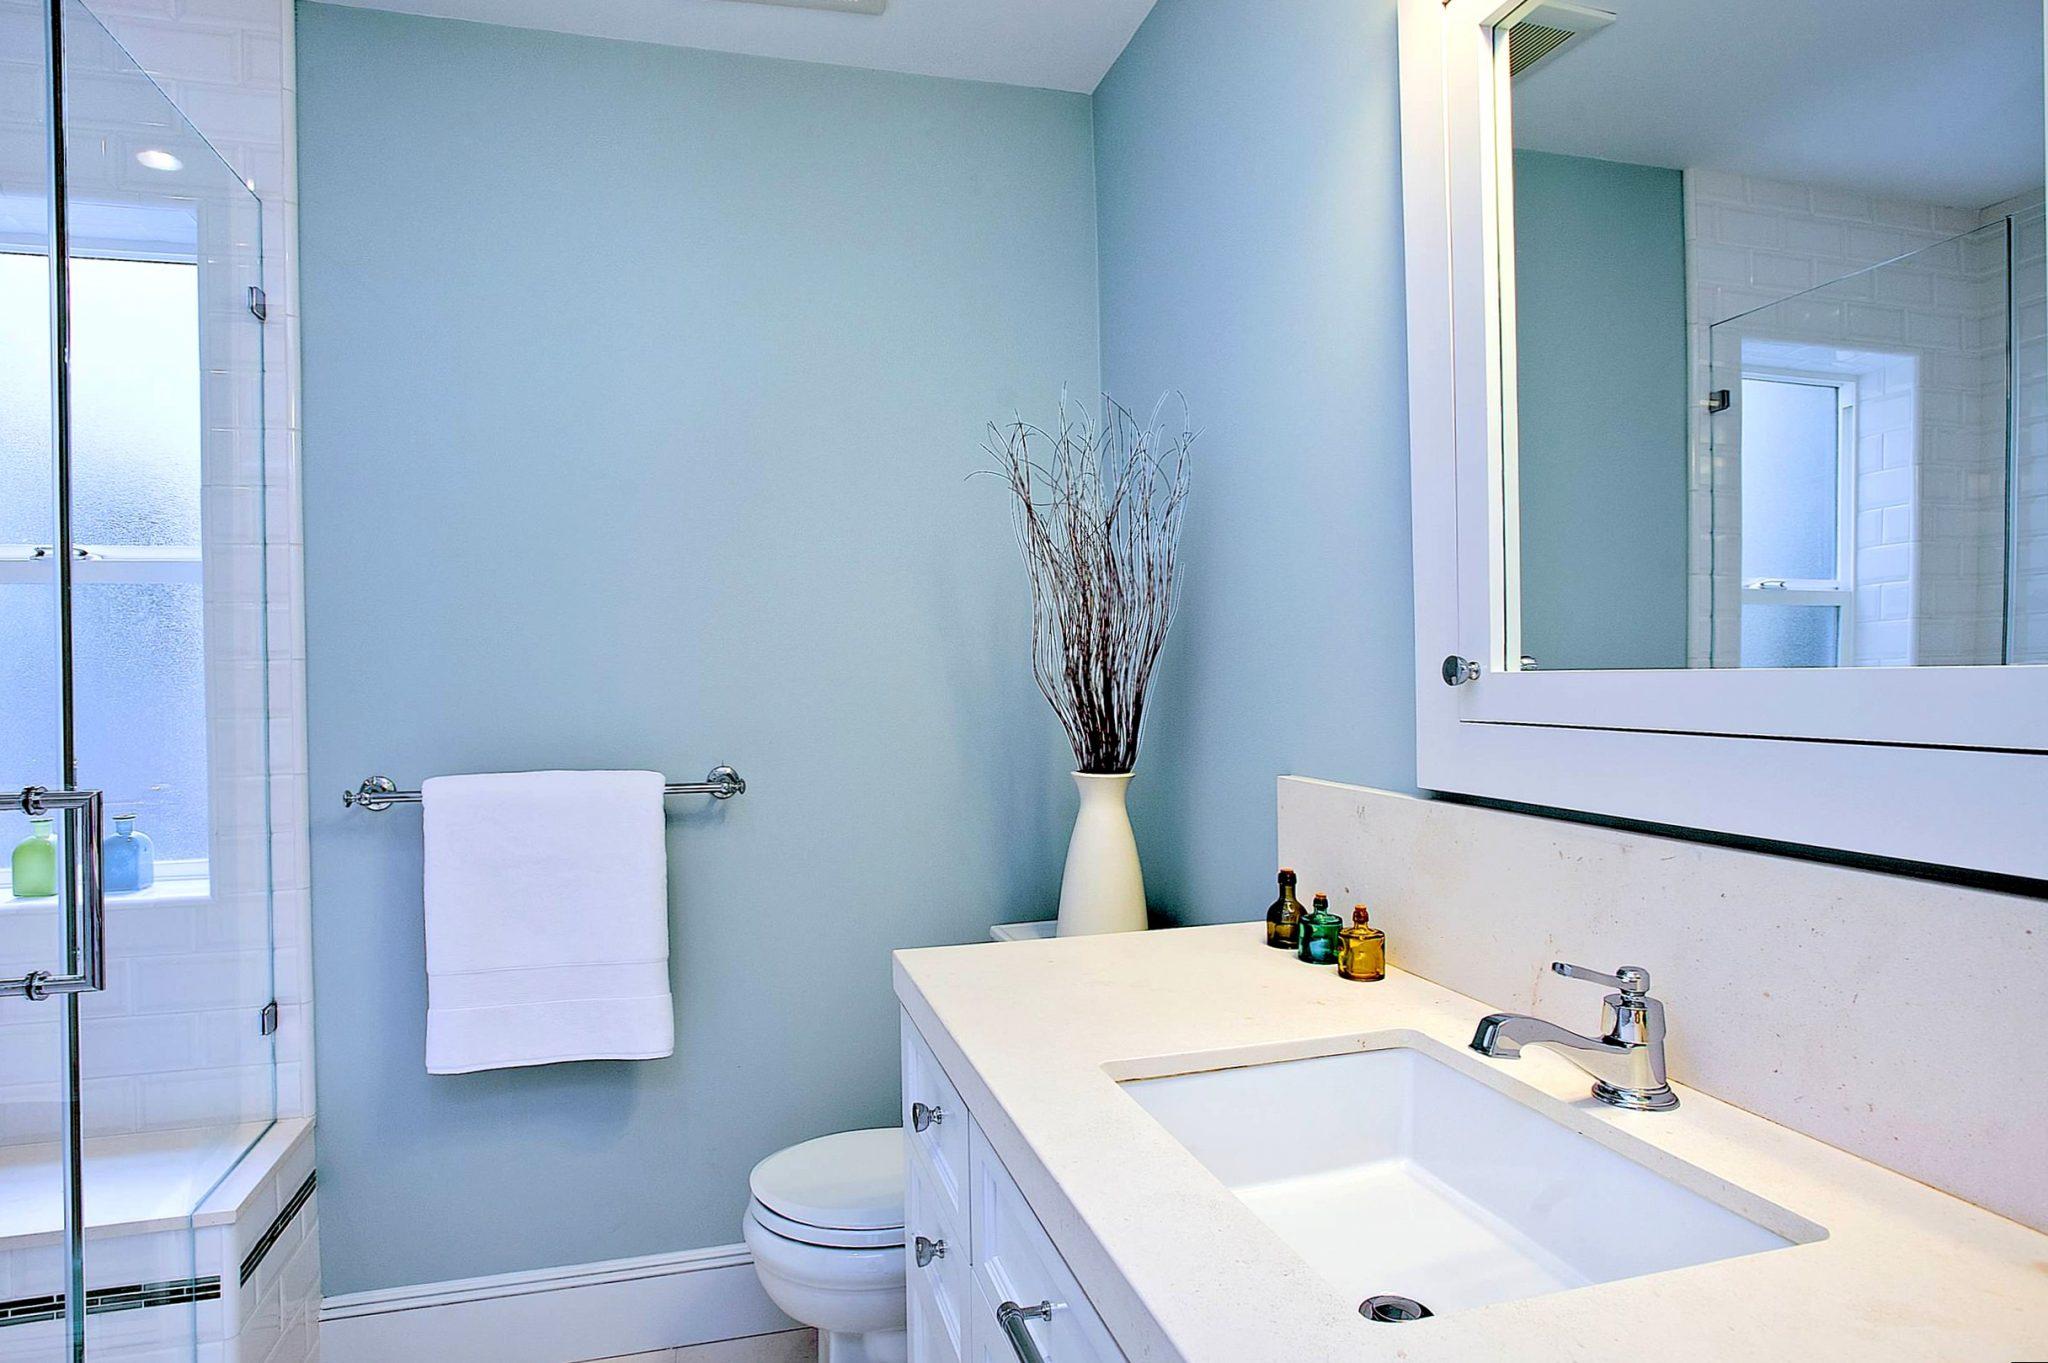 Акриловая краска в ванной